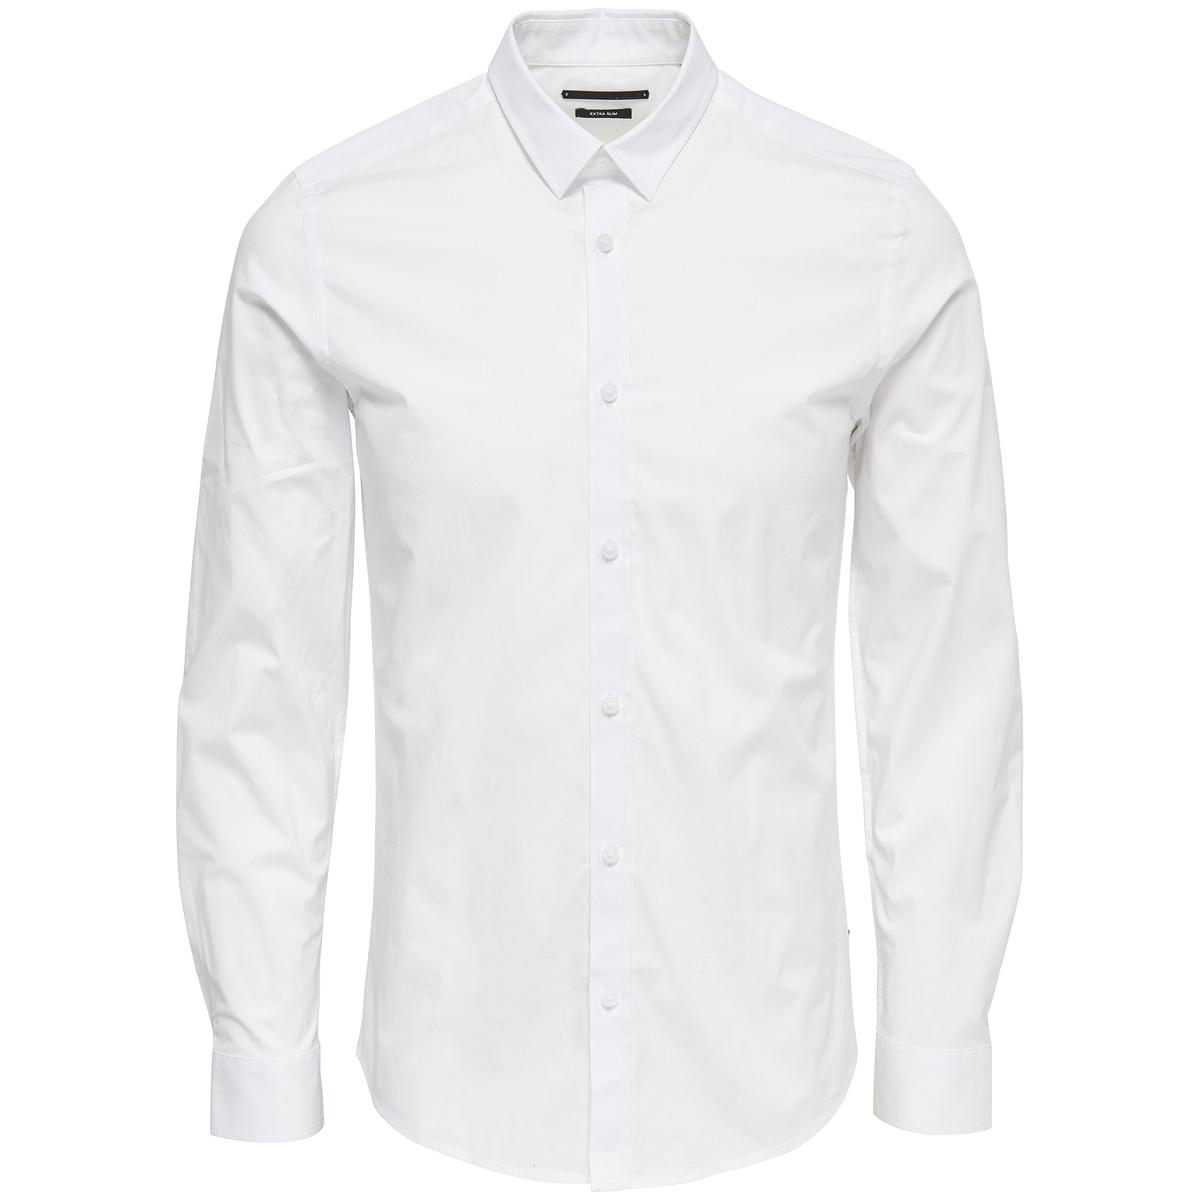 Рубашка приталеннаяДетали  •  Длинные рукава  •  Приталенный покрой •  Классический воротникСостав и уход  •  97% хлопка, 3% эластана •  Следуйте советам по уходу, указанным на этикетке<br><br>Цвет: белый,синий морской,черный<br>Размер: M.S